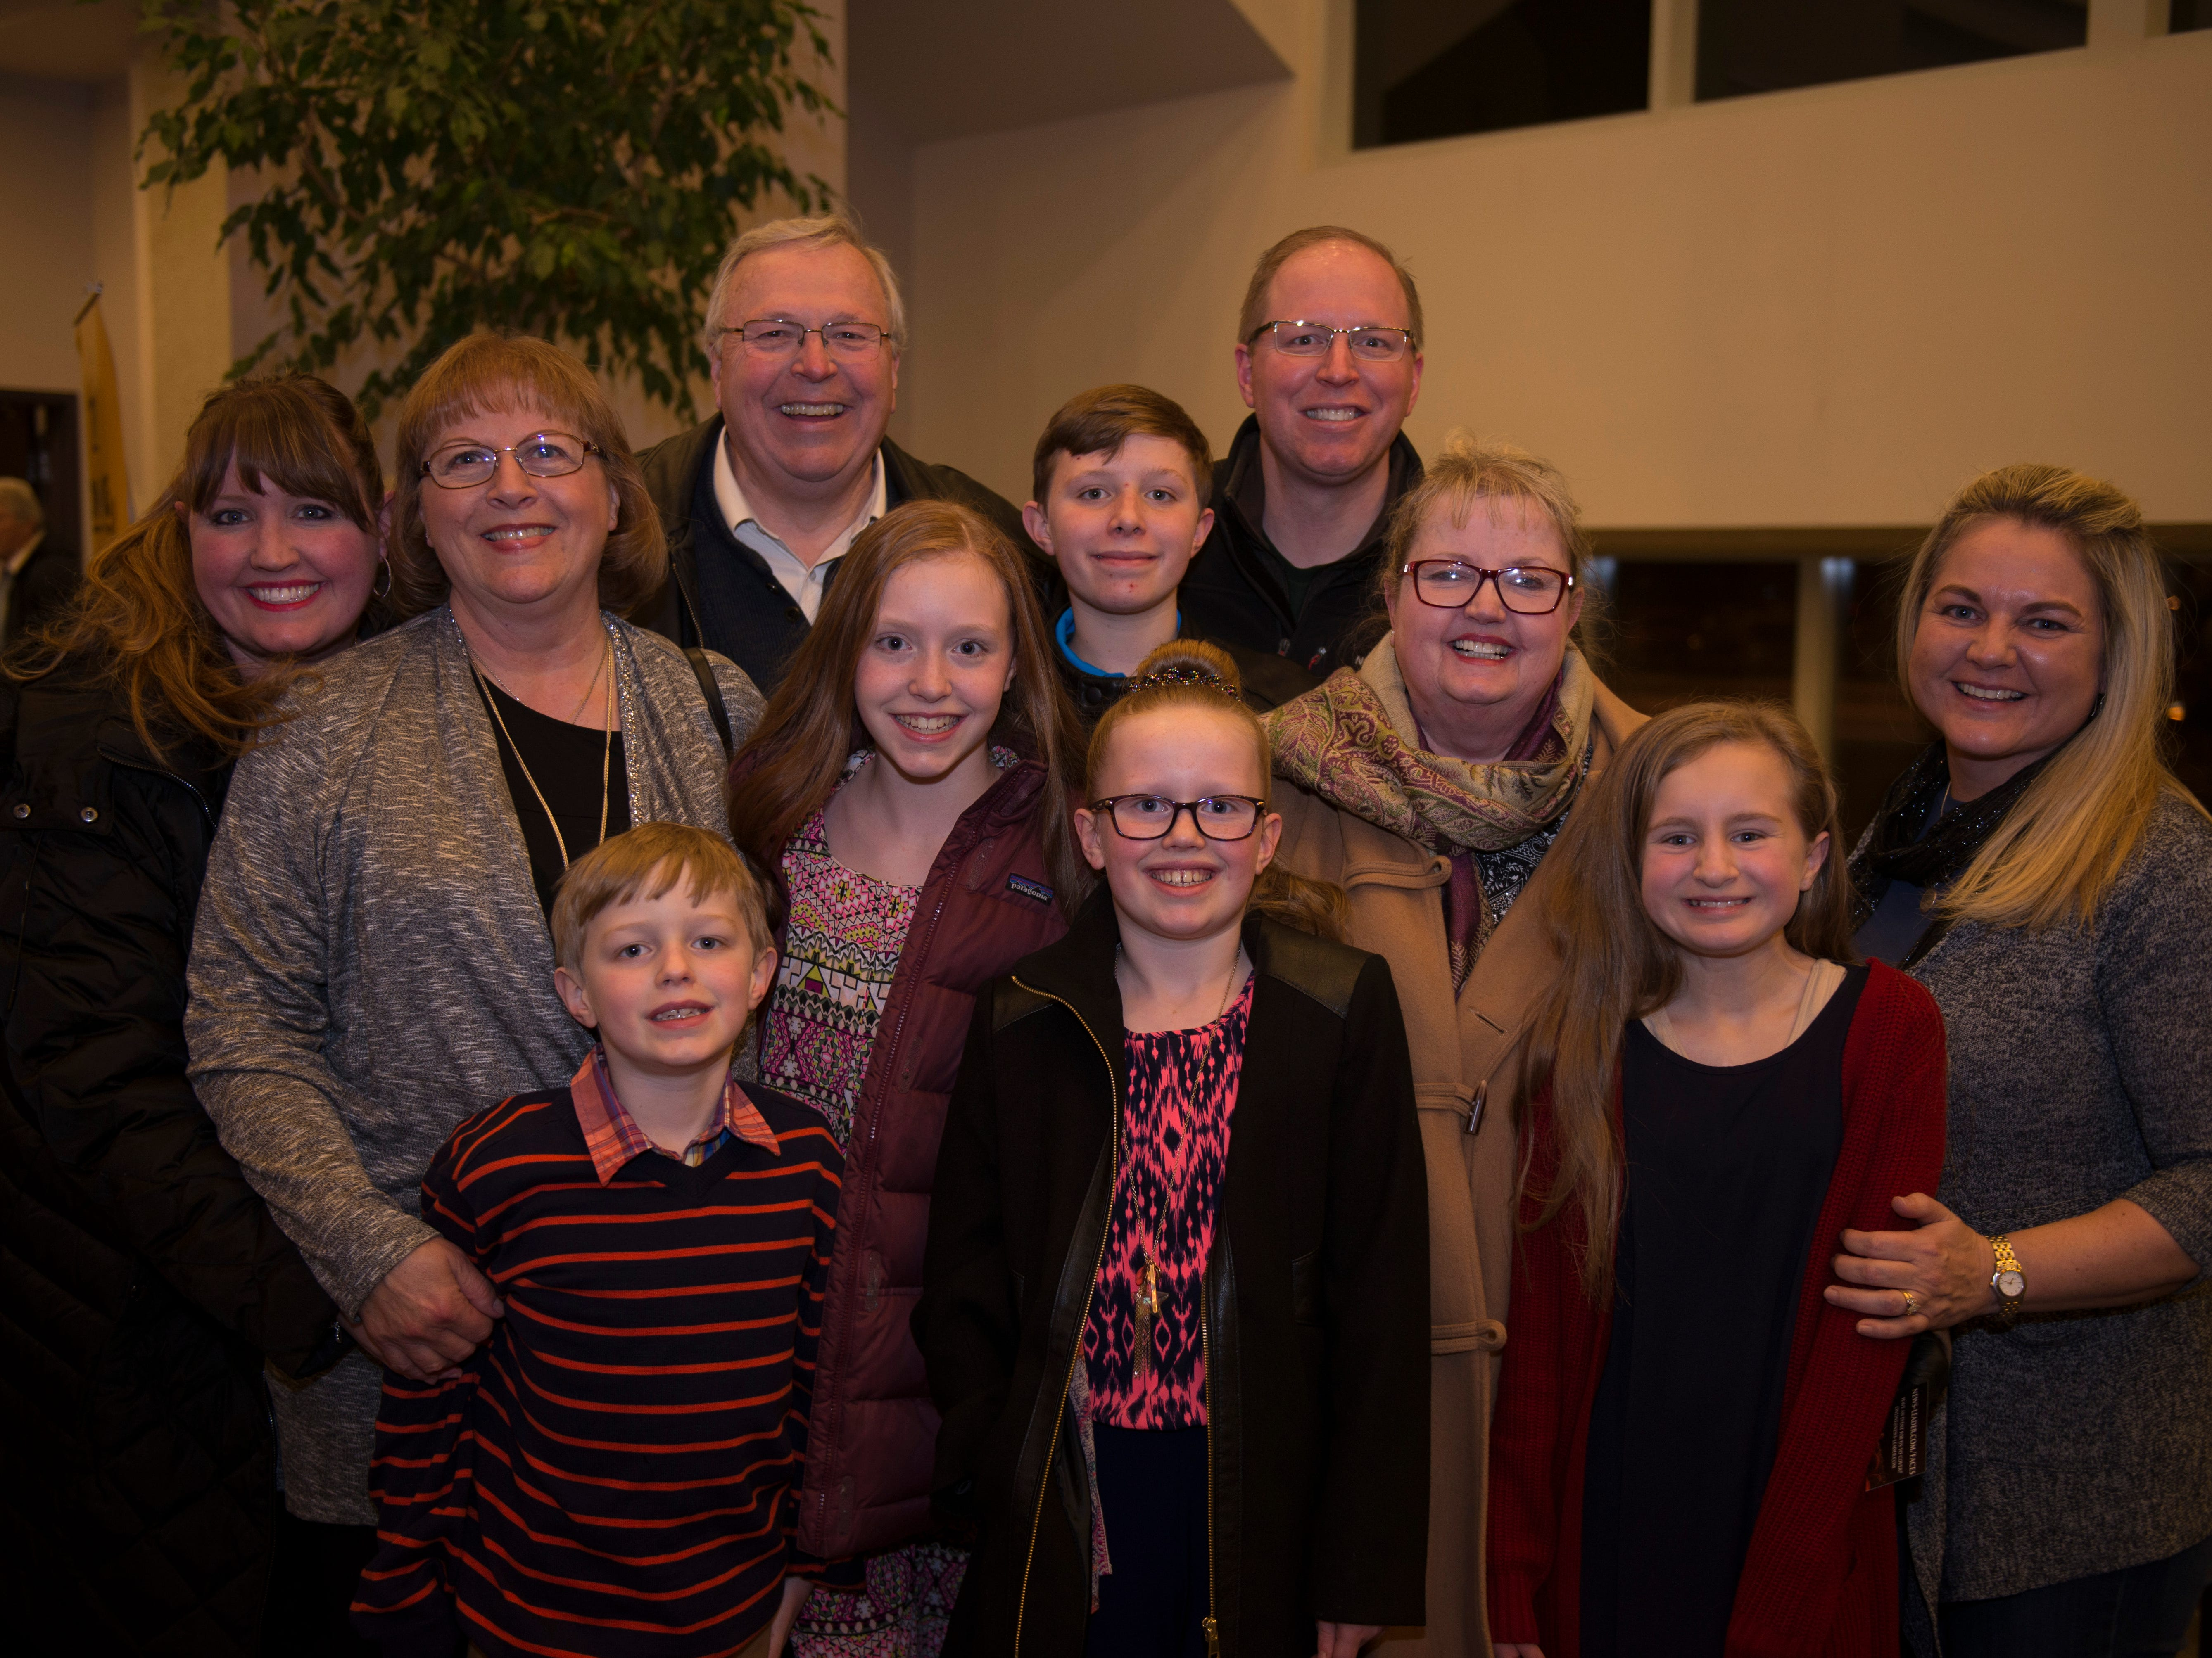 Pallohusky Family